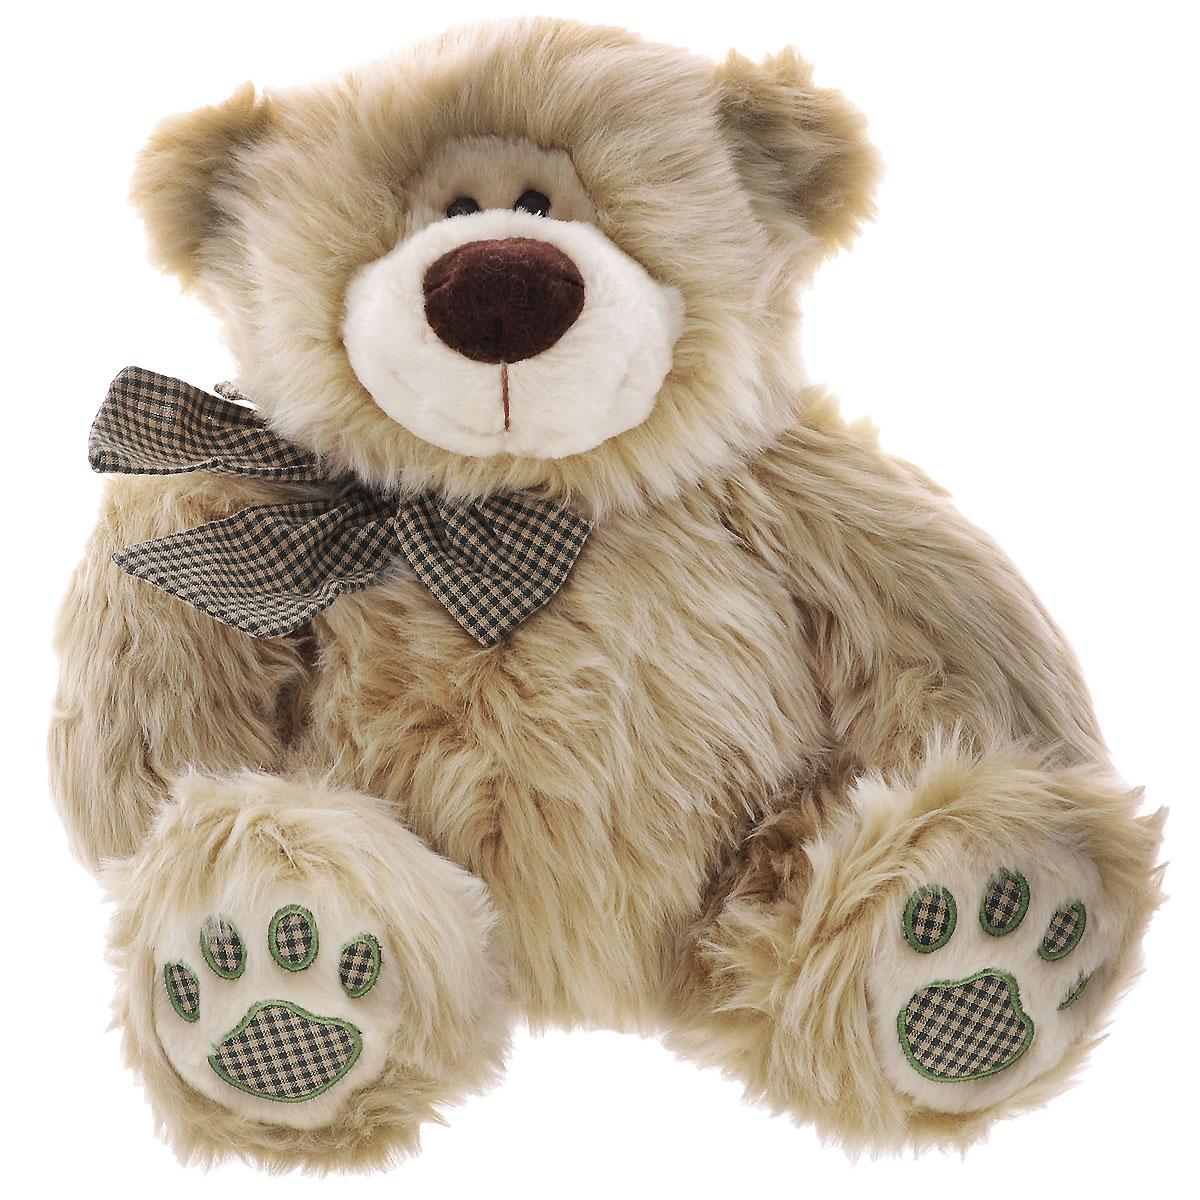 Мягкая игрушка Plush Apple Медведь с бантиком, 43 см мягкая игрушка plush apple собака с шарфом 28 см